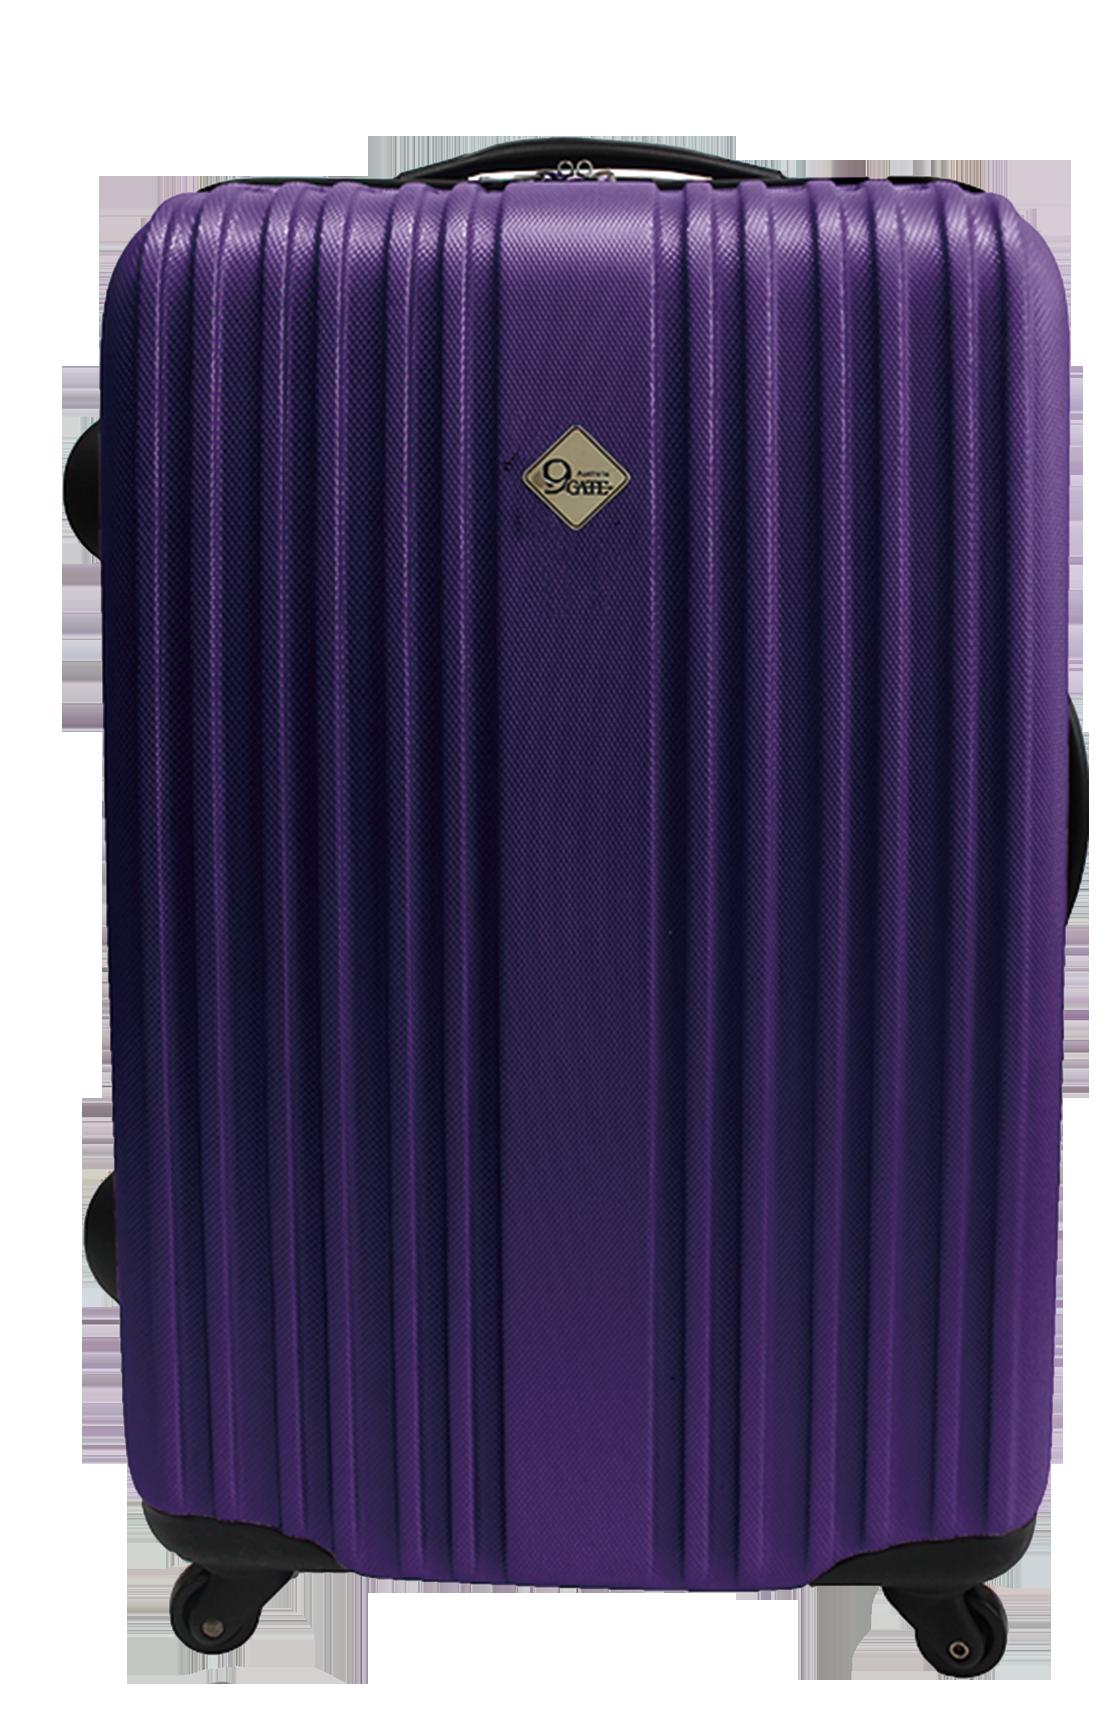 限量$888 隨機款出清特賣ABS材質24吋輕硬殼 旅行箱 行李箱 登機箱 5